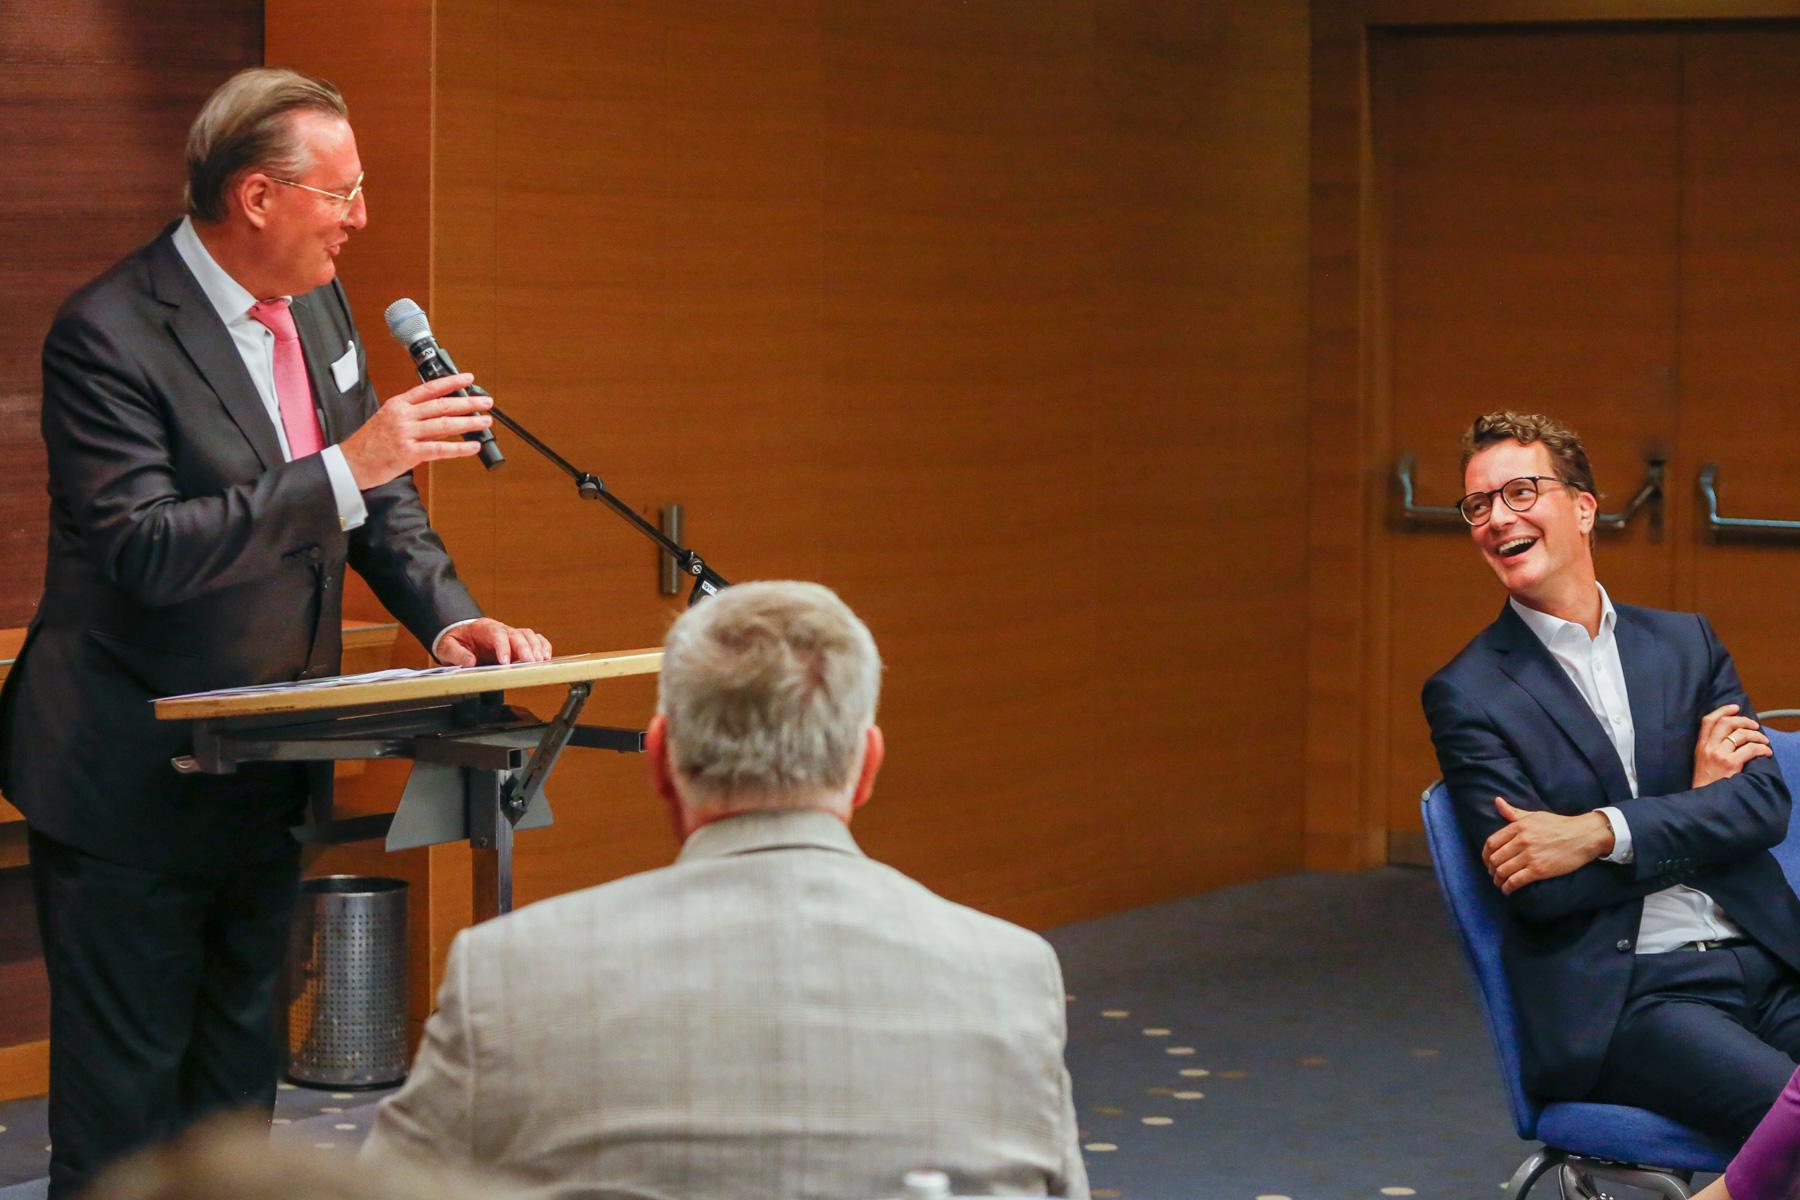 NRW-Minister Wüst warnte davor Autofahrer für ihre Emmissionen zu bestrafen, ohne Alterantiven zu nennen (Foto: xity)